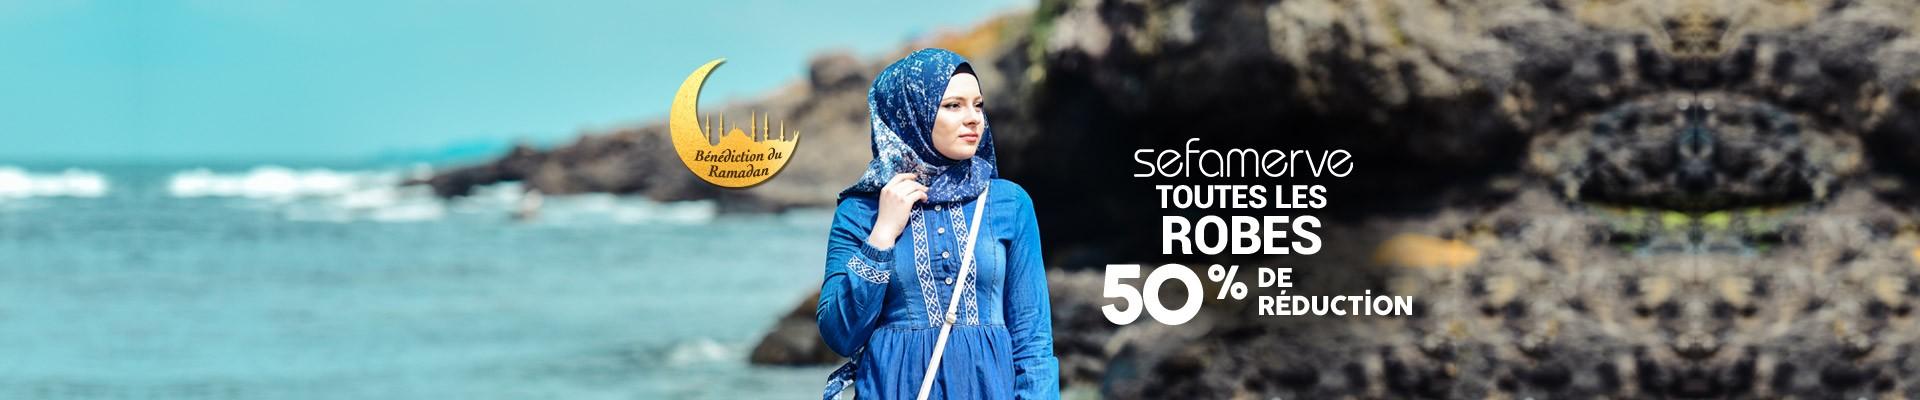 50% de Réduction sur Toutes les Robes Sefamerve